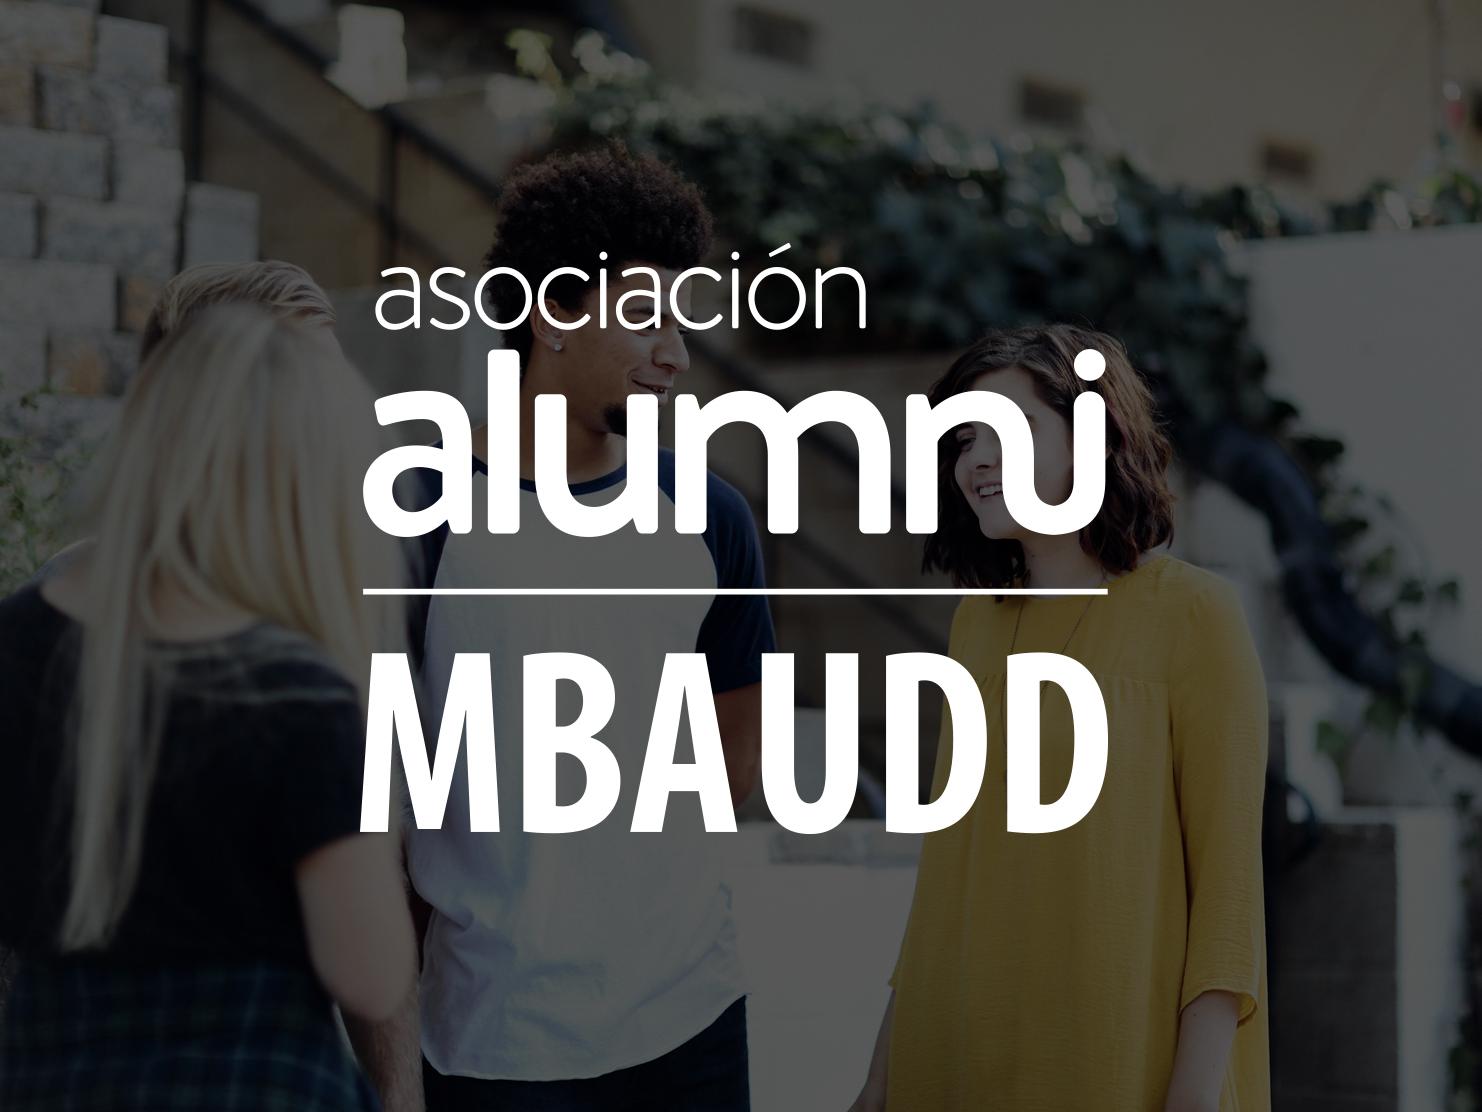 3-Alumni-mba-udd